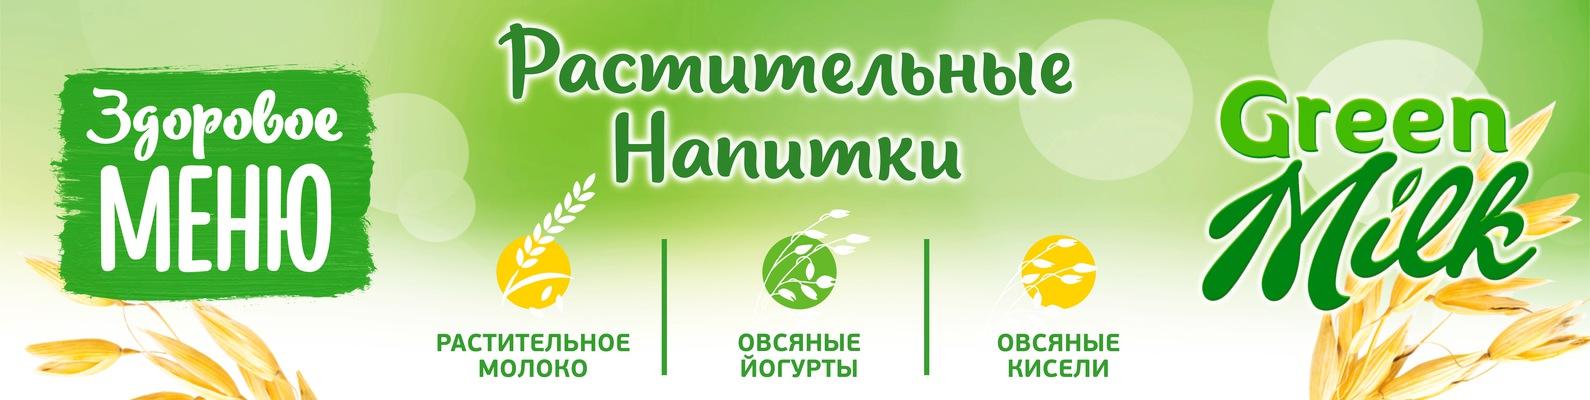 4be80d3c8aa3 ЗДОРОВОЕ МЕНЮ. Растительные напитки   ВКонтакте